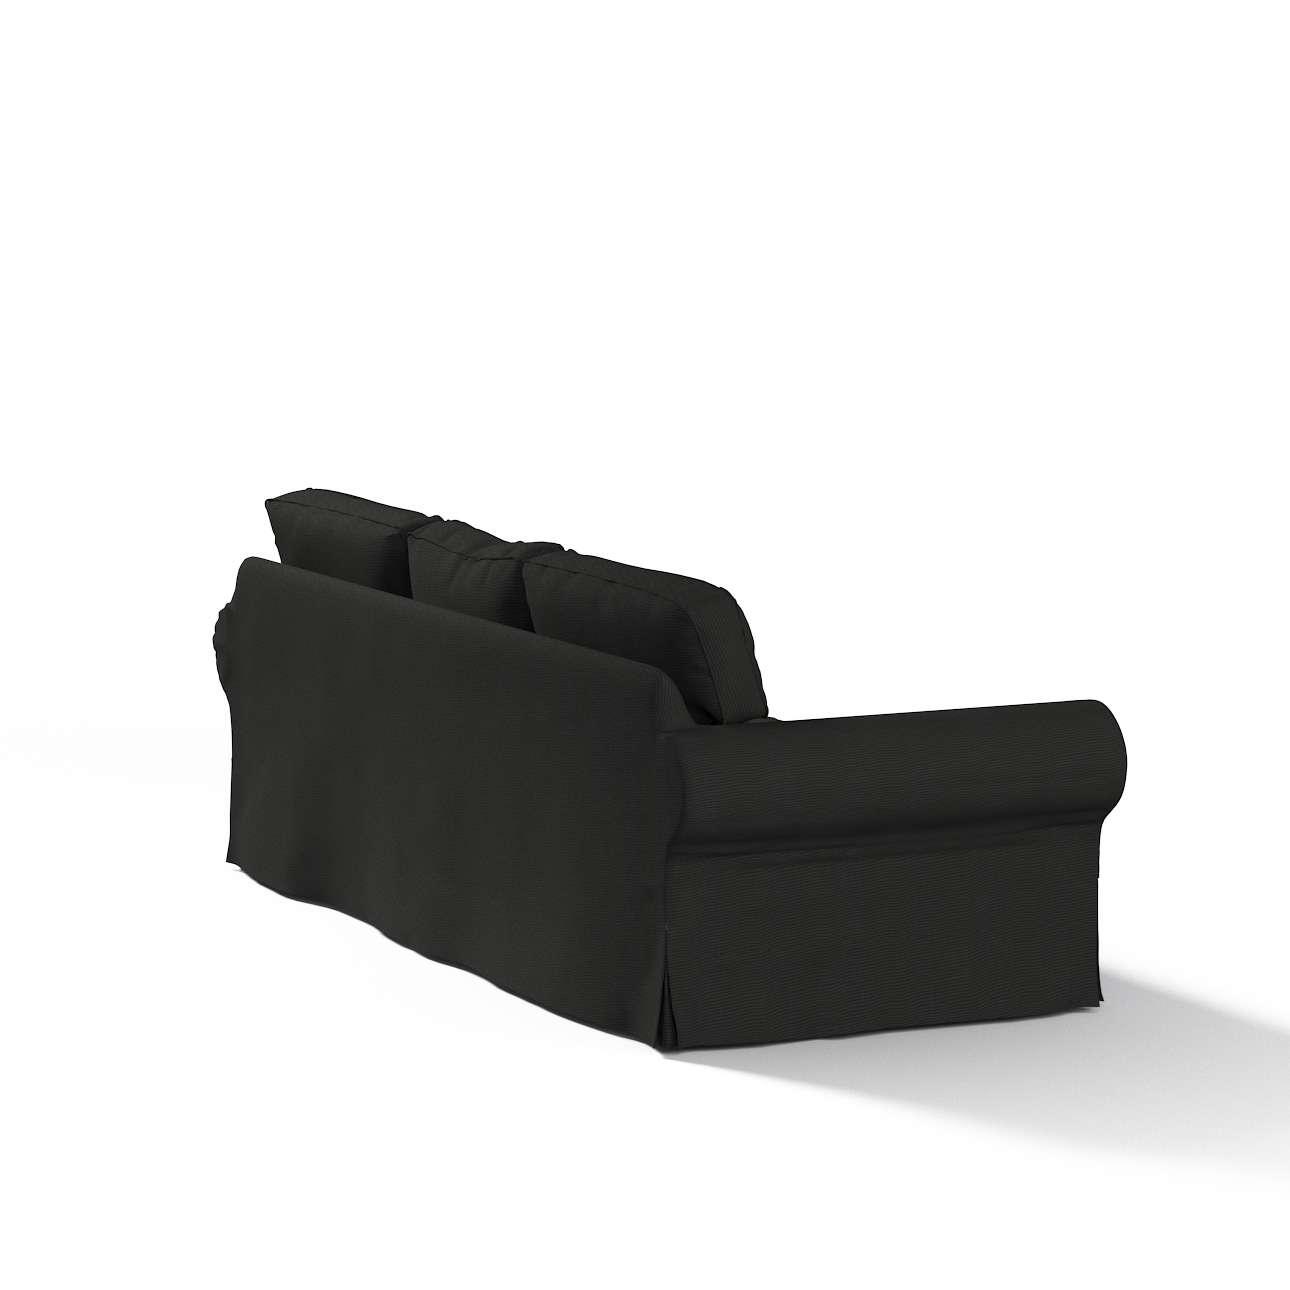 Ektorp 3-Sitzer Sofabezug nicht ausklappbar von der Kollektion Etna, Stoff: 705-00